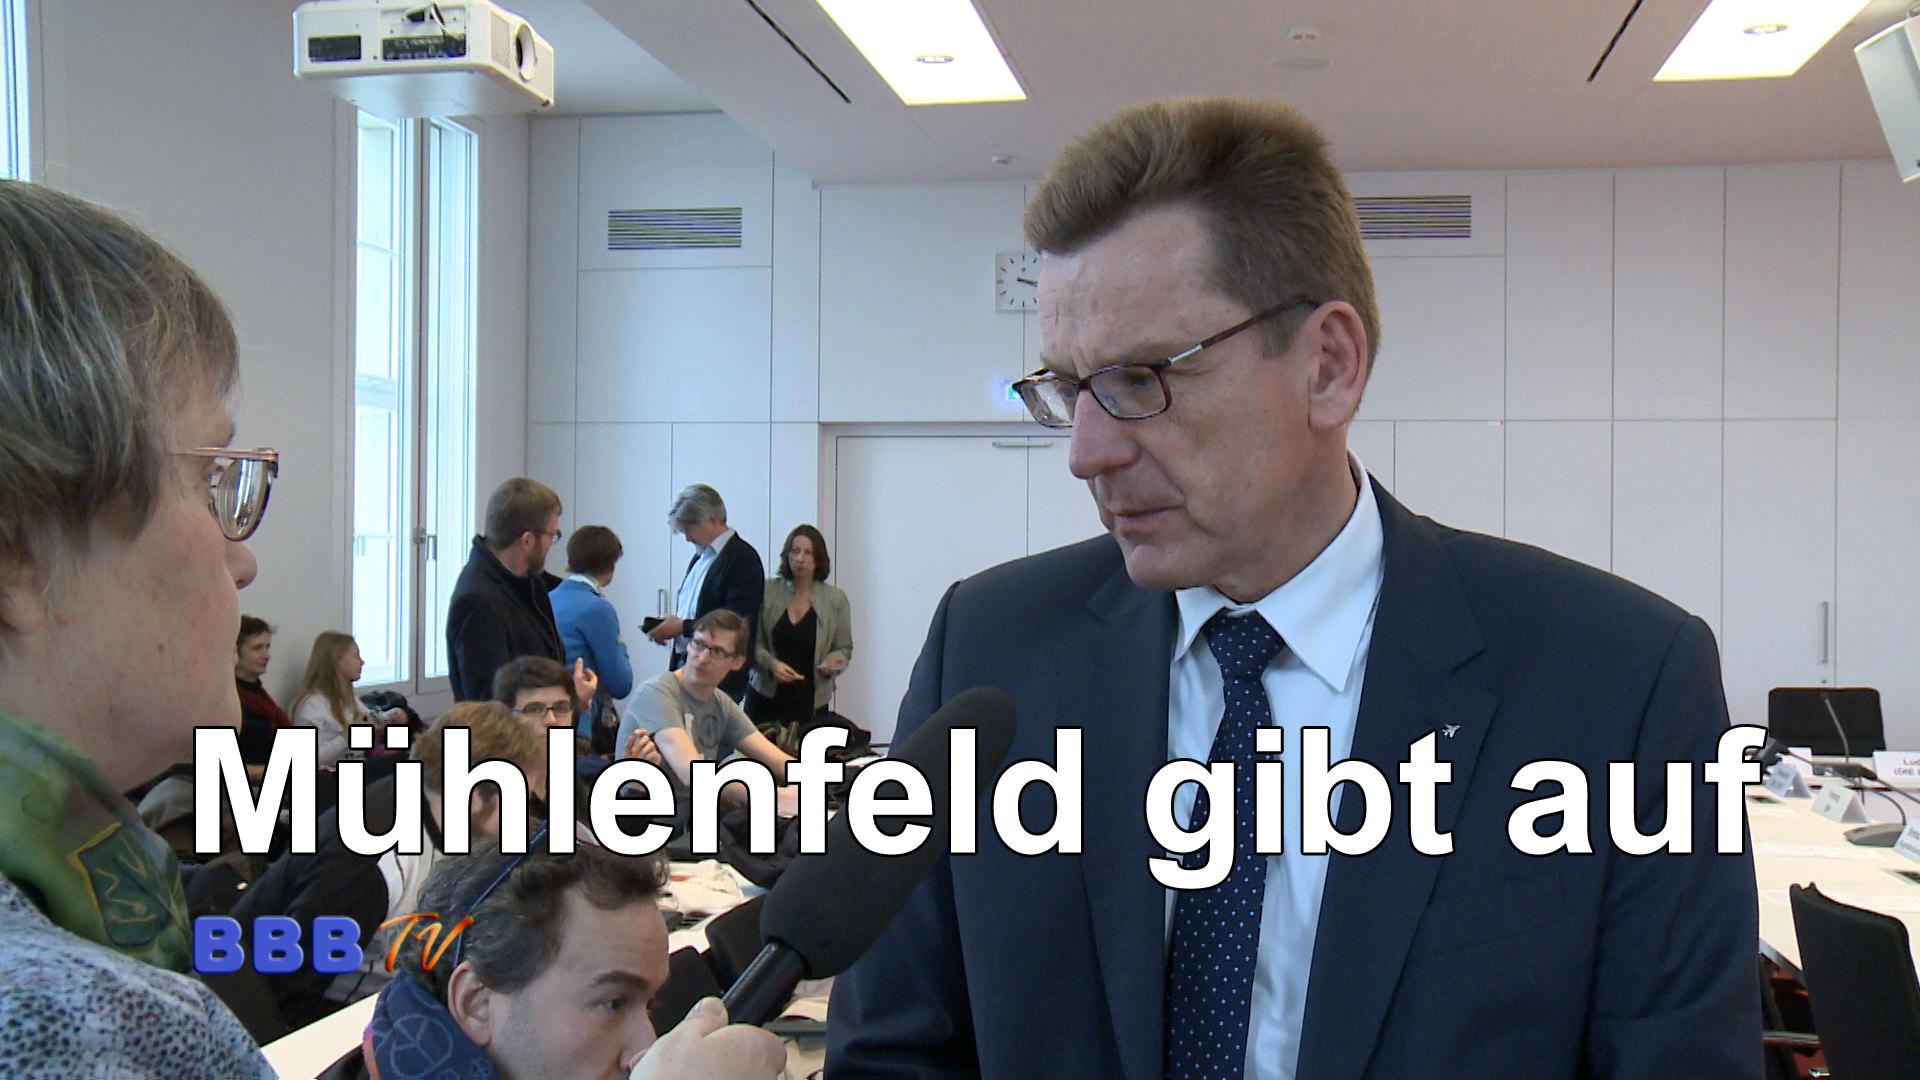 Der Vorsitzende der Geschäftsführung der FBB, Karsten Mühlenfeld, gibt auf. Wie er BBB TV in einem Interview mitteilte, könne er die Verschiebung der Flughafeneröffnung auf das Jahr 2070 nicht mehr […]